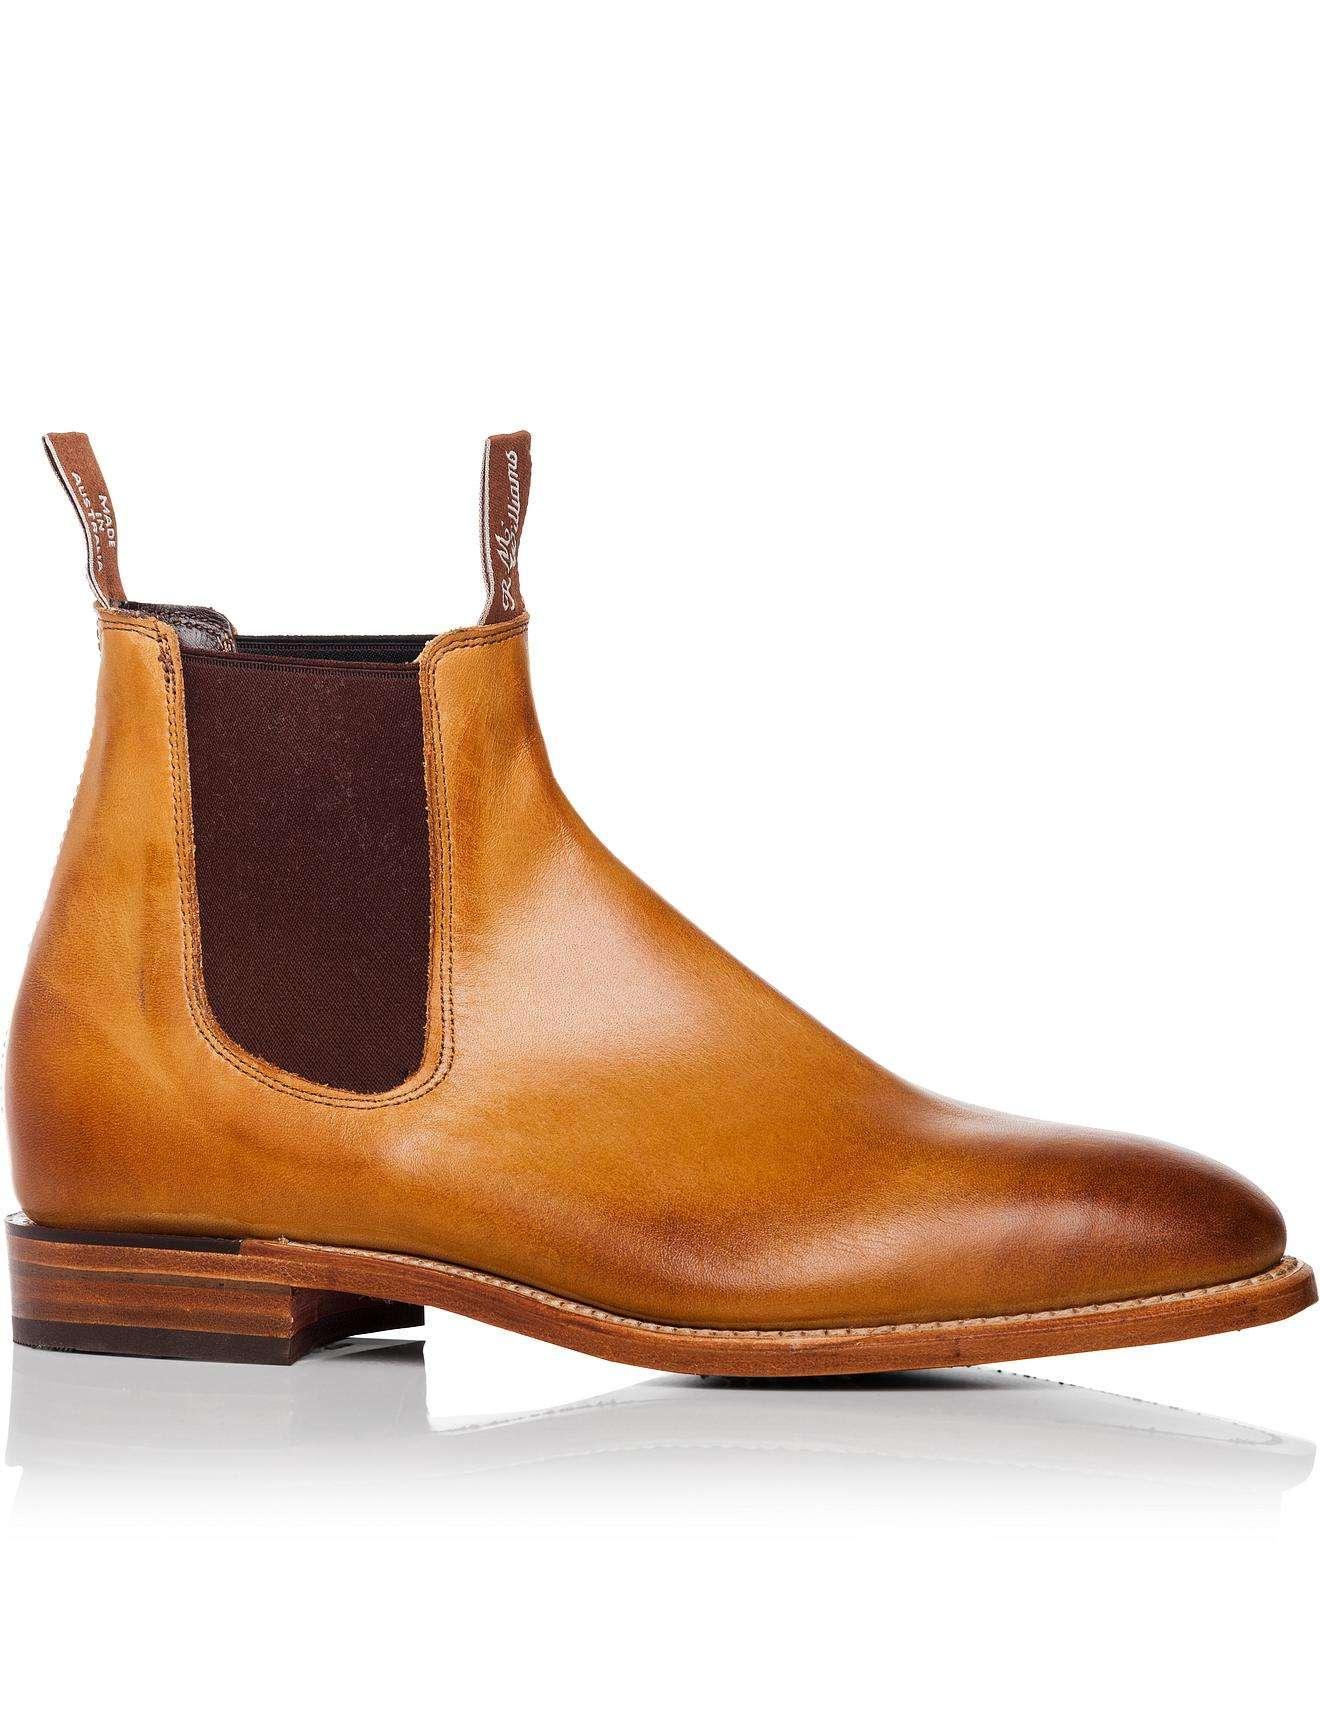 3fd271183f9 R.m. Williams Brown Chinchilla Boot